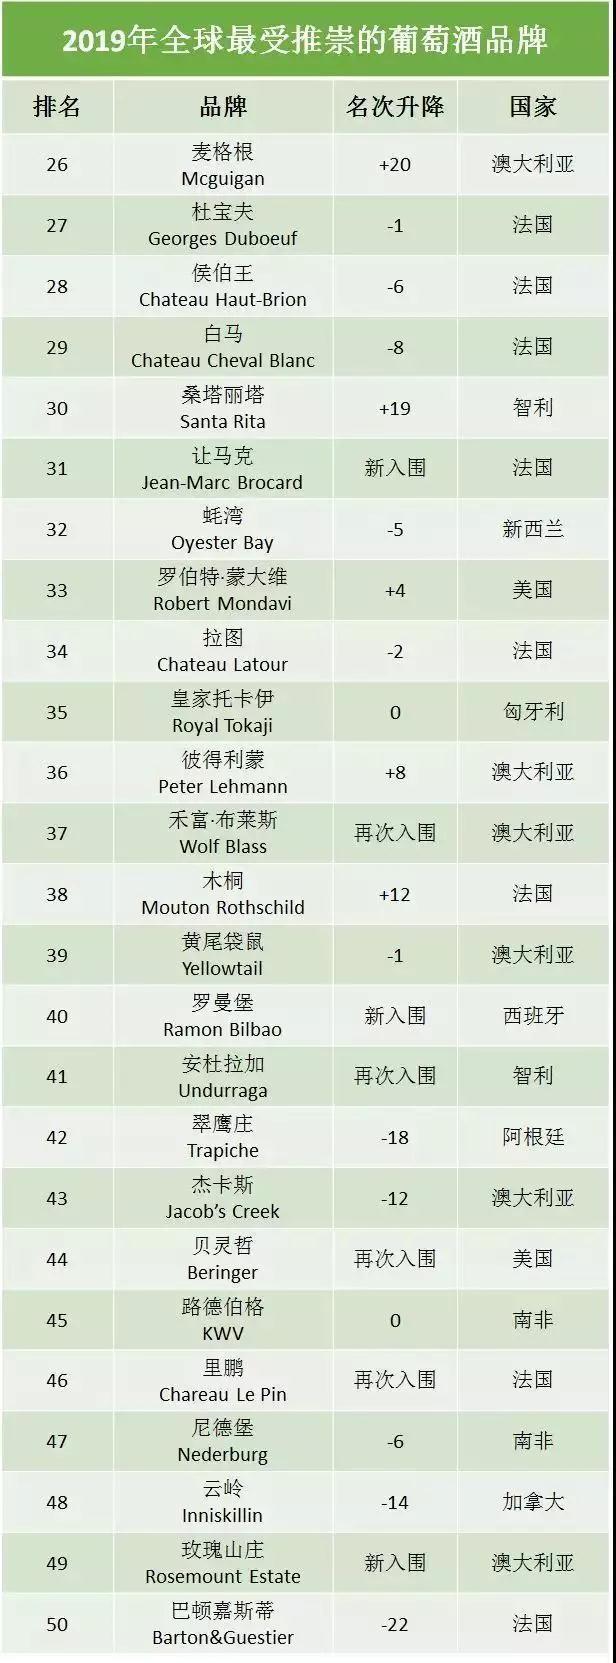 市场资讯 | 2019全球最受推崇50大葡萄酒品牌公布!